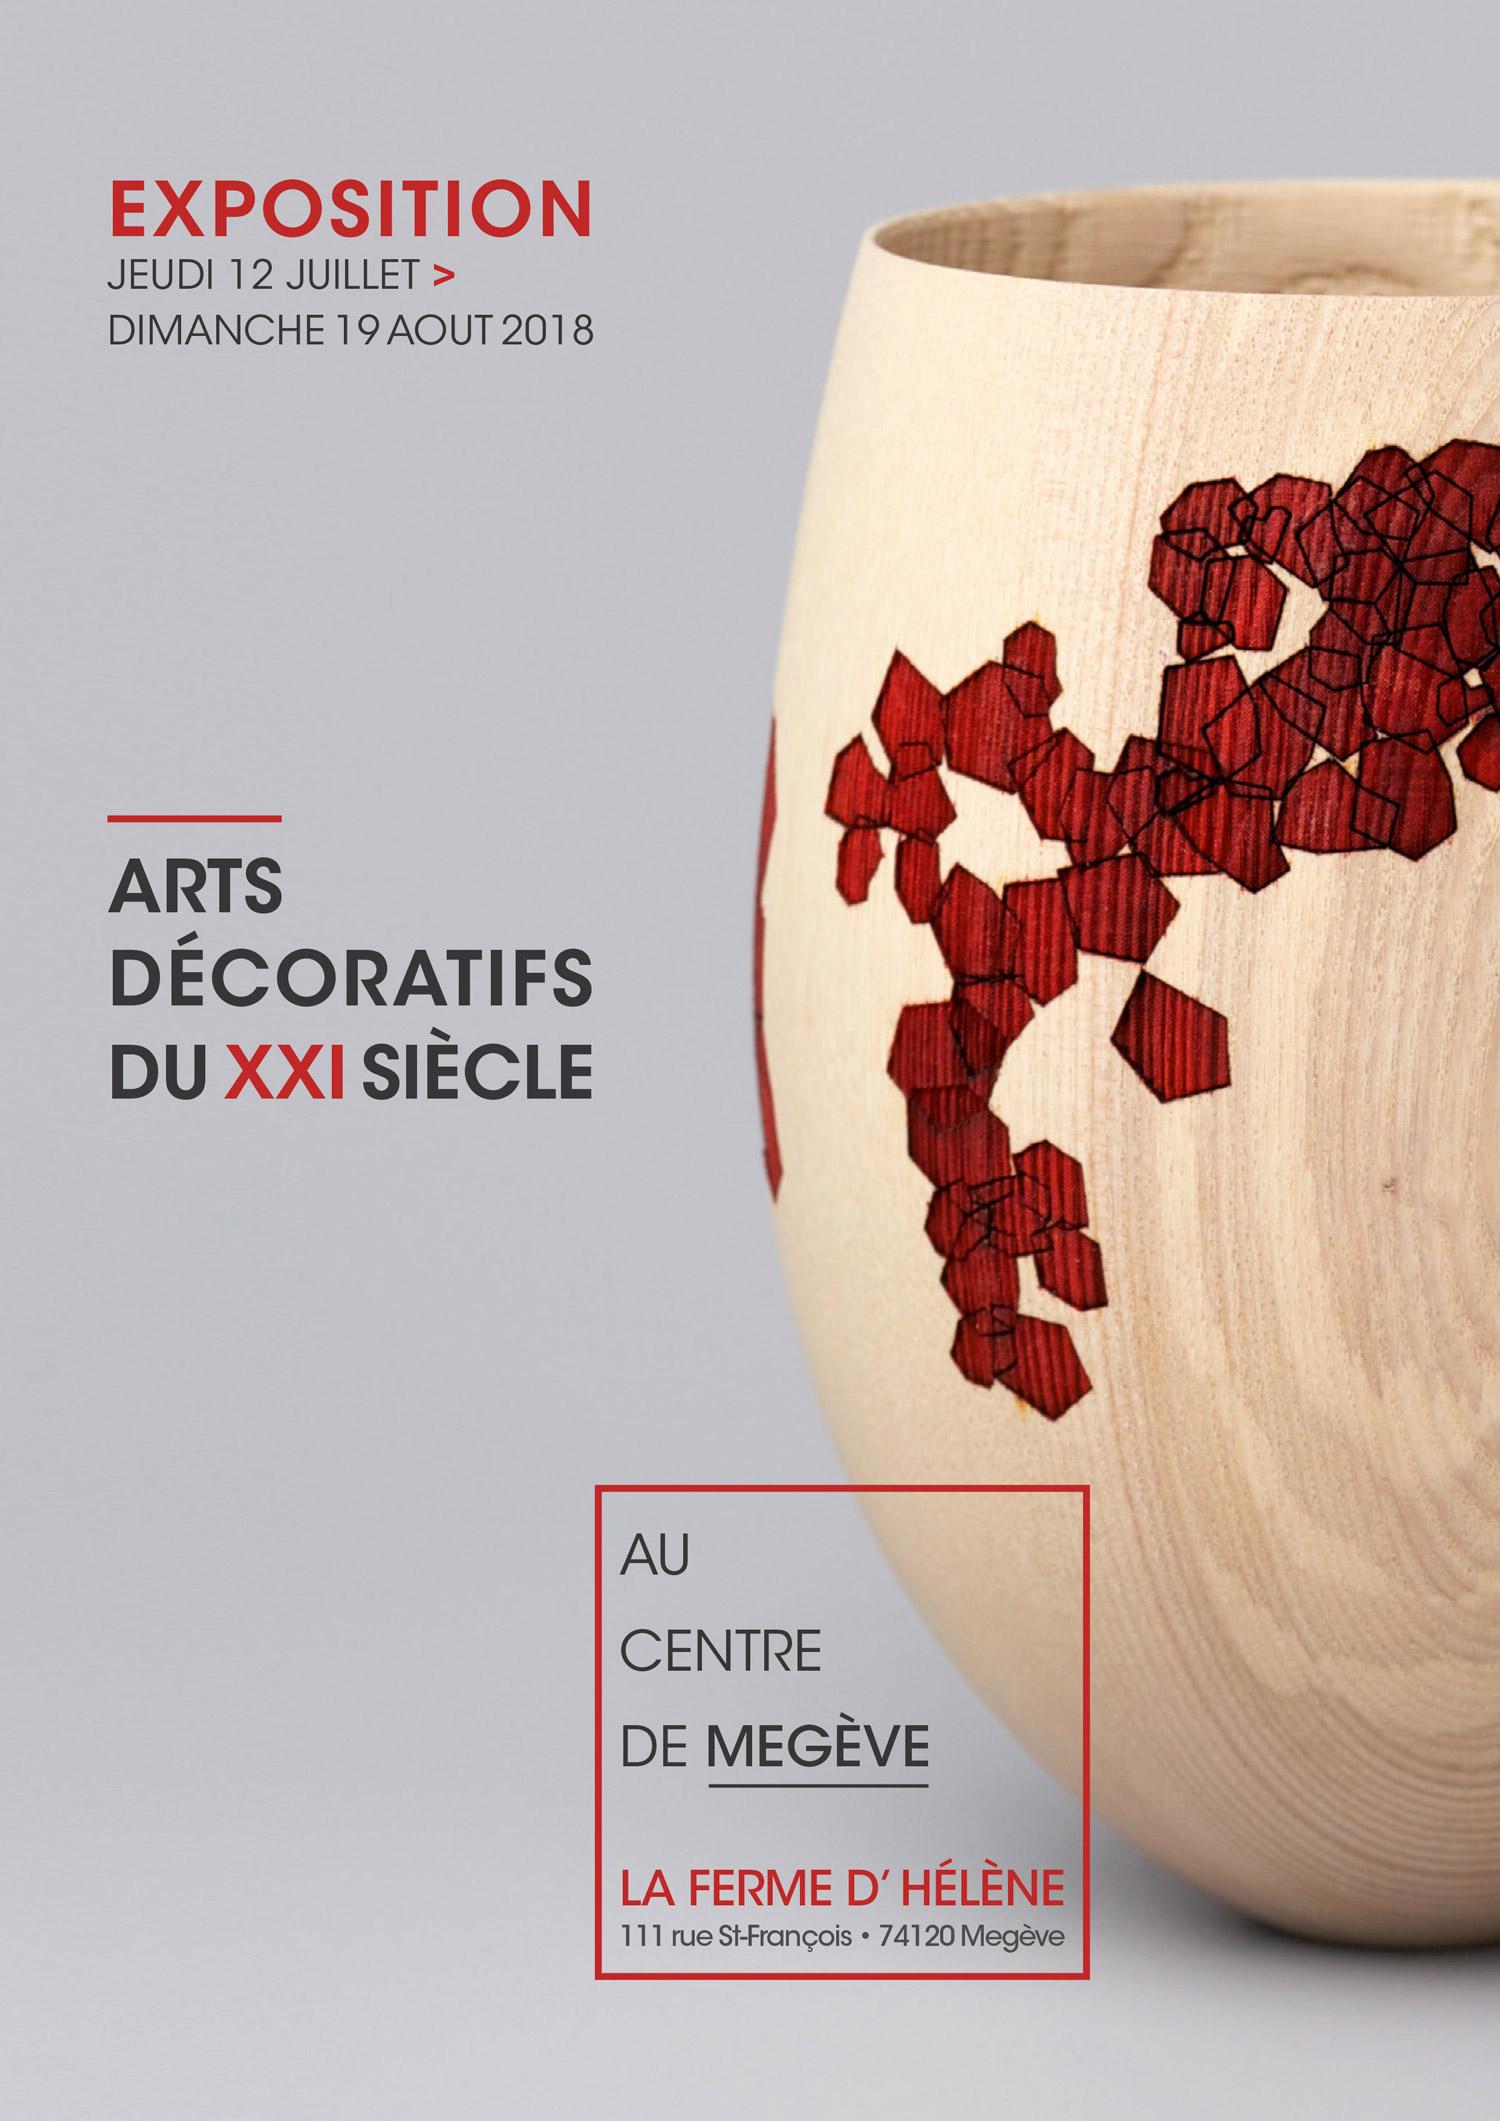 Exposition-artistes-ete-2018 megève